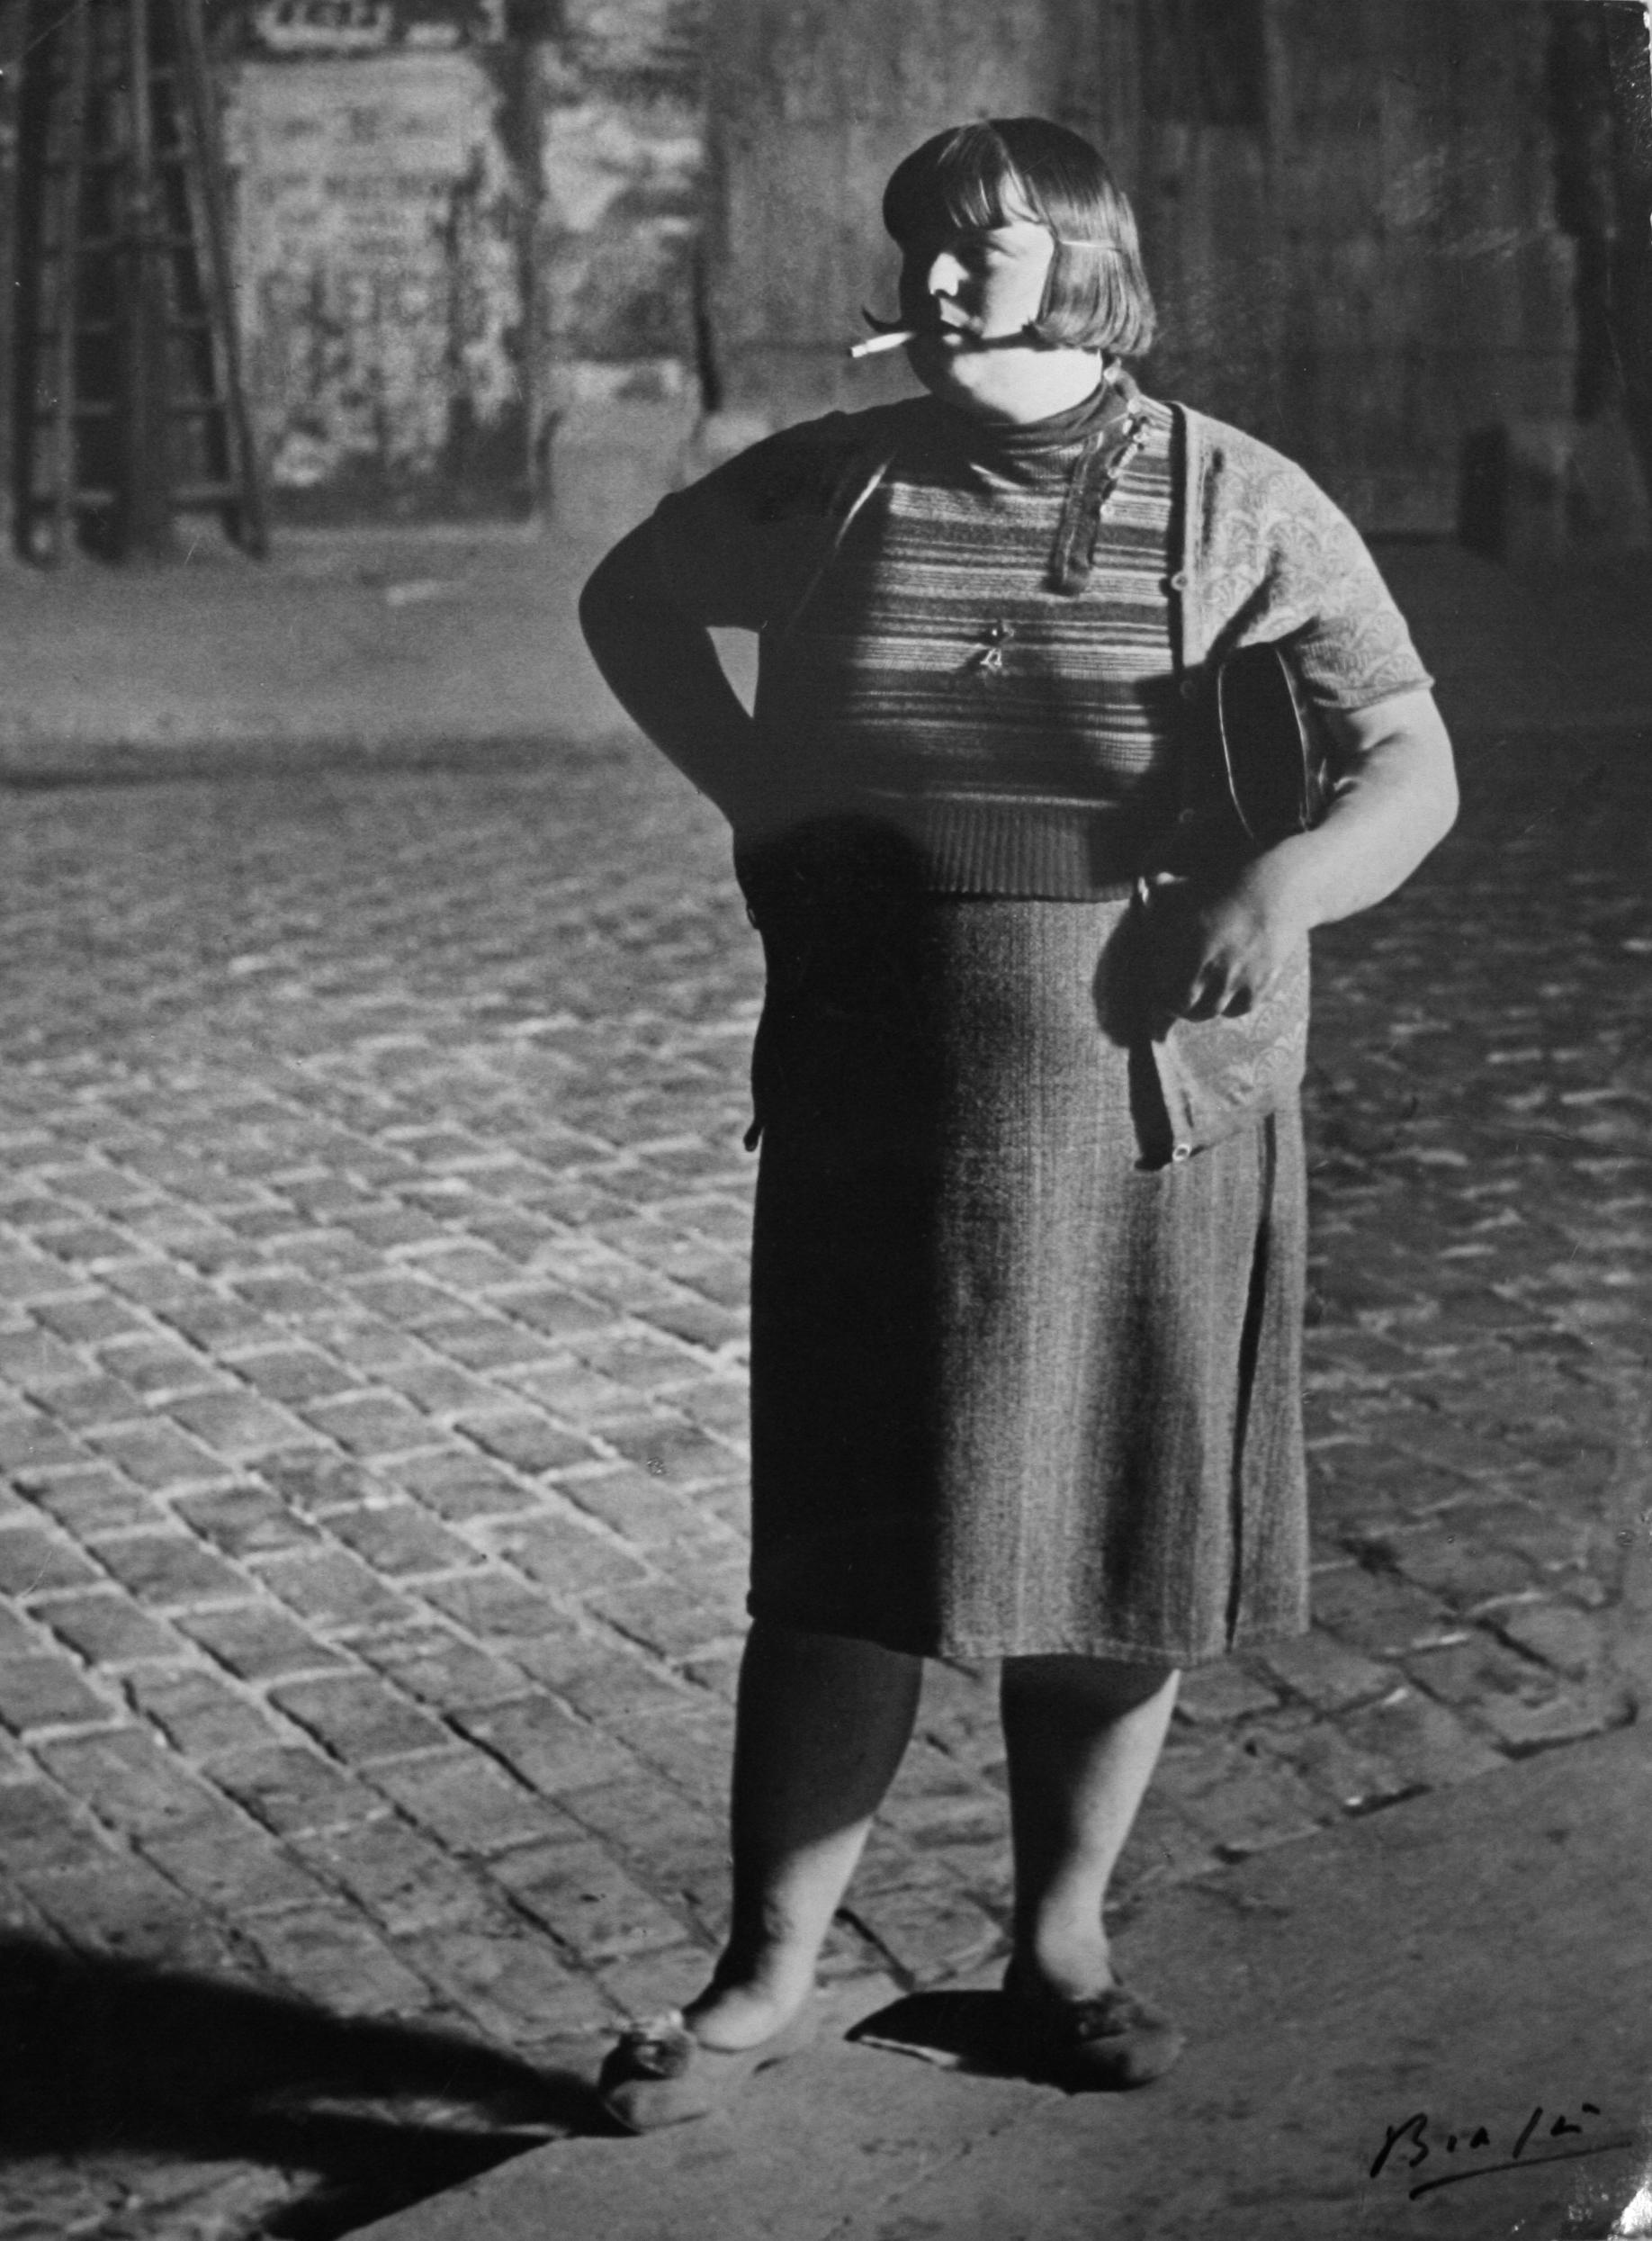 布拉塞,站街女,意大利区,巴黎,大约1932年。明胶银版工艺,29.5 x 22厘米。由首尔摄影博物馆提供。